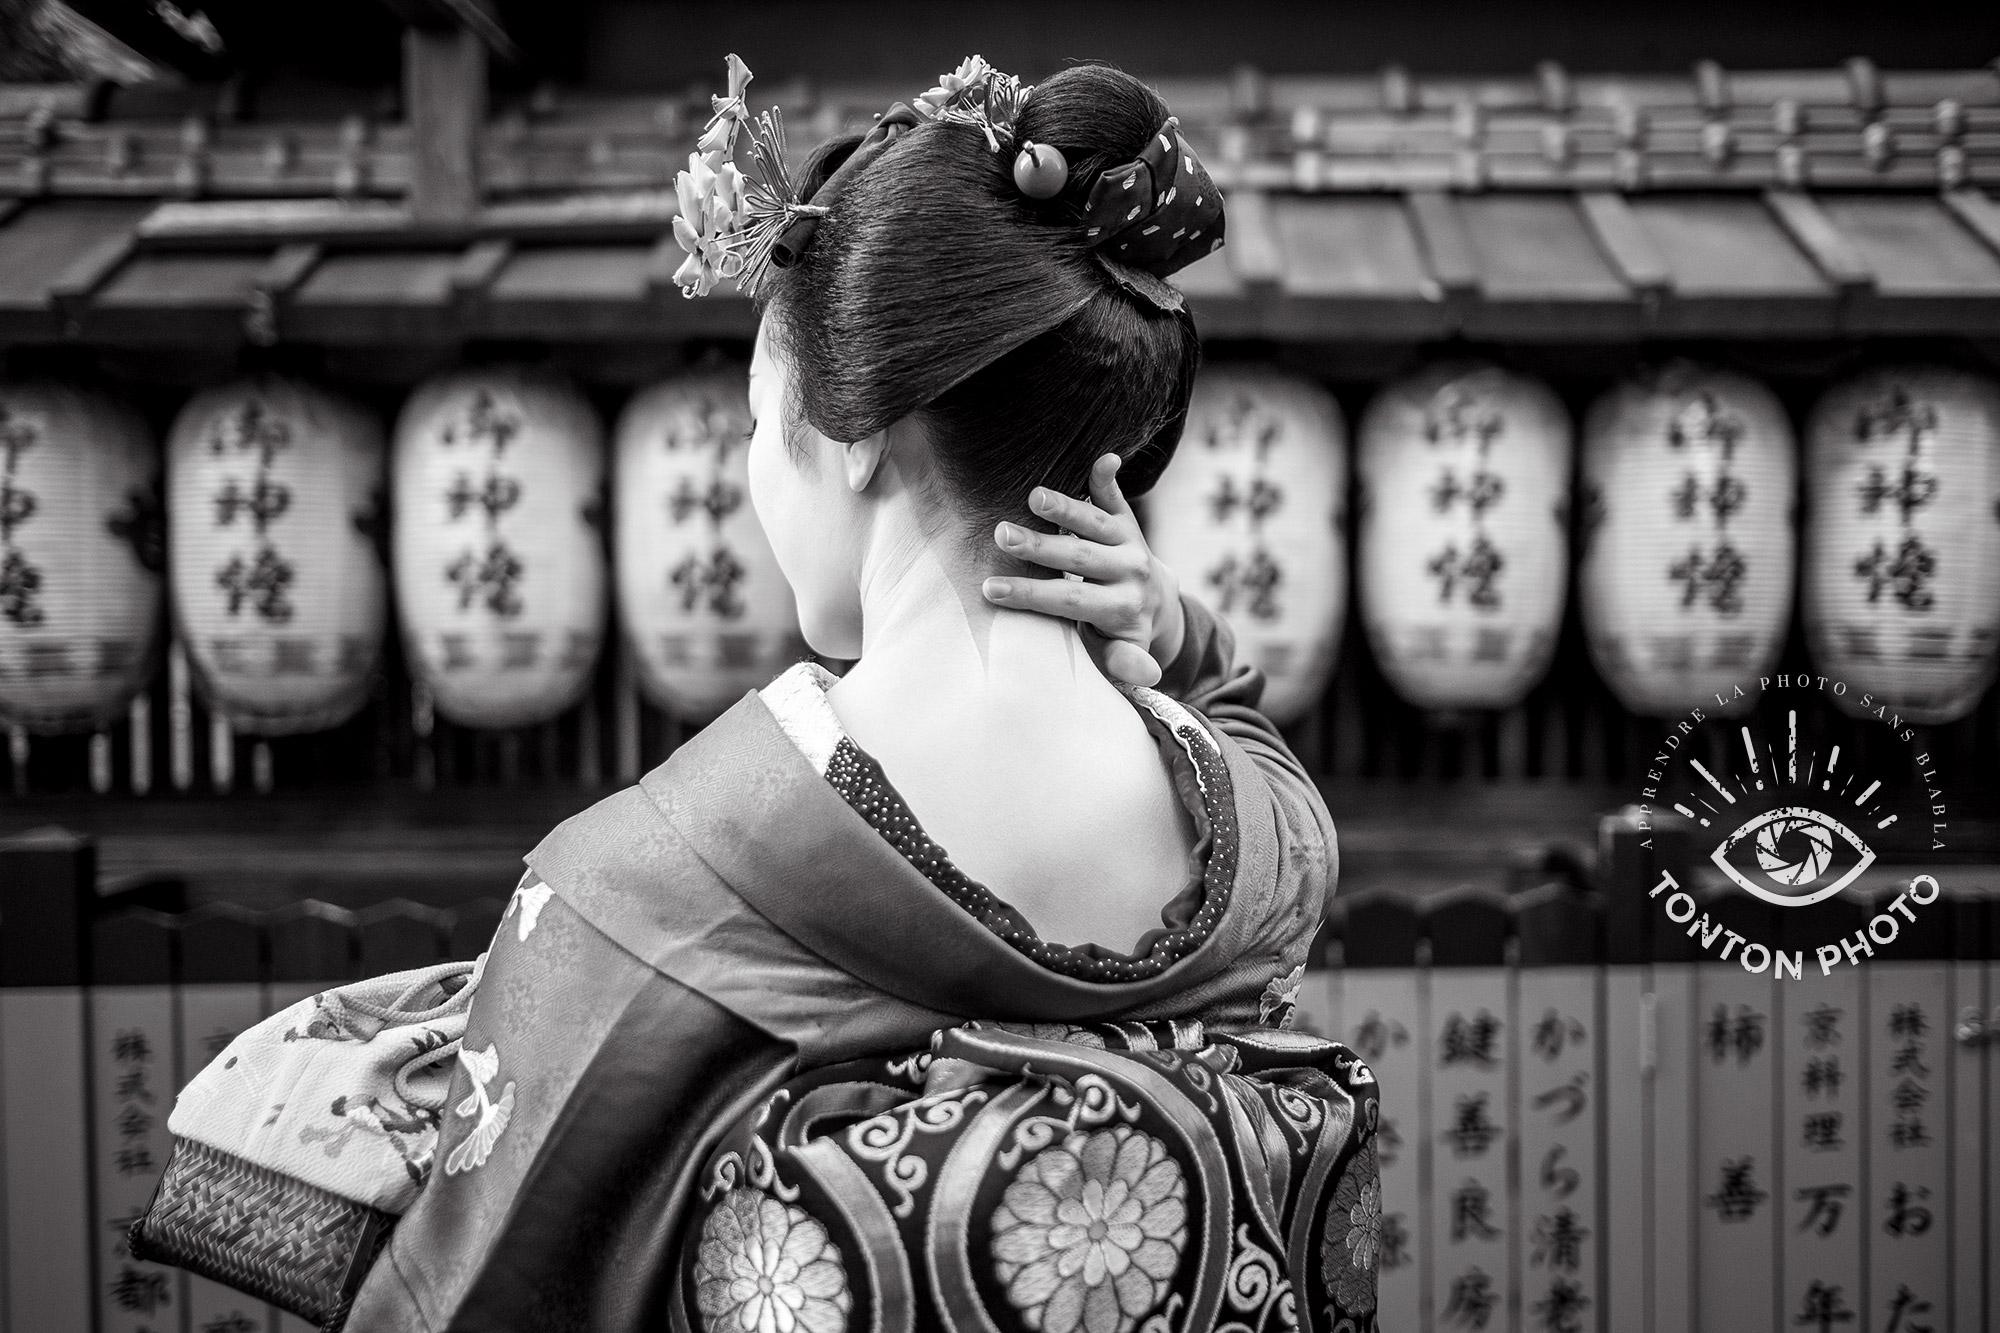 Portrait : Délicatesse et raffinement d'une geisha du quartier de Gion, à Kyoto, Japon © Clément Racineux / Tonton Photo